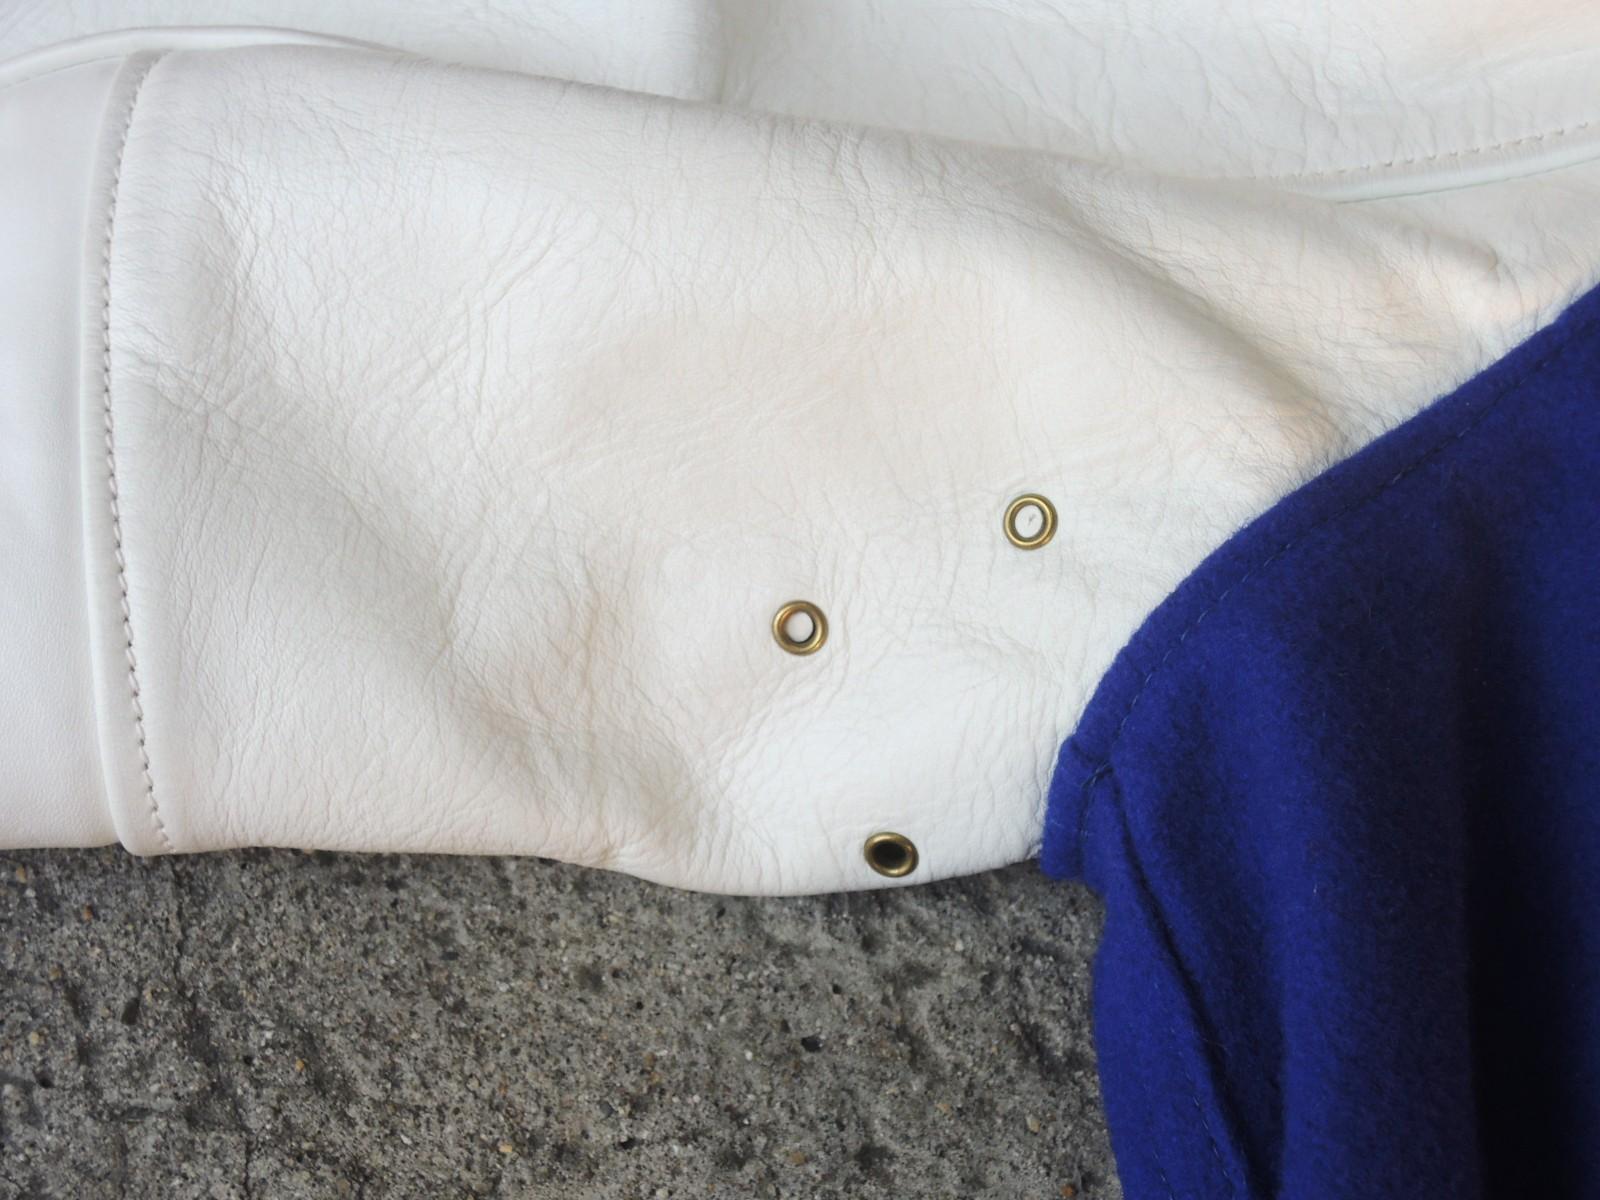 skookumvirsityjacket06.JPG